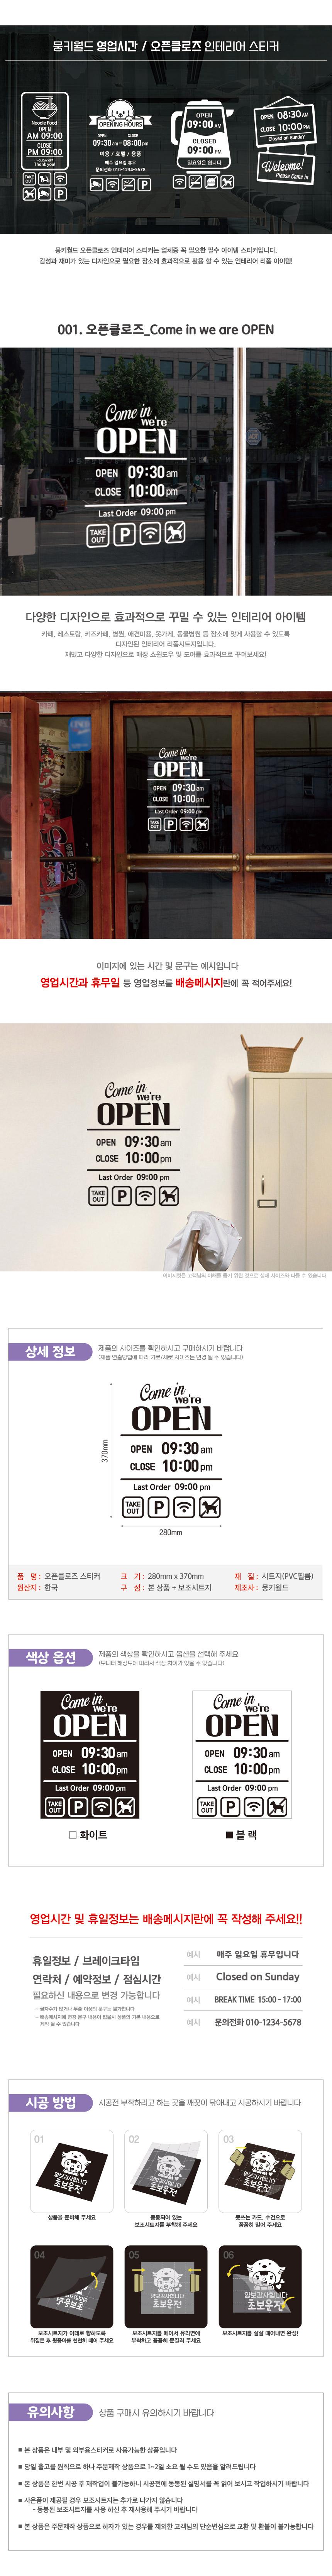 오픈클로즈_001_Come in we are OPEN - 뭉키, 7,840원, 월데코스티커, 레터링/메시지